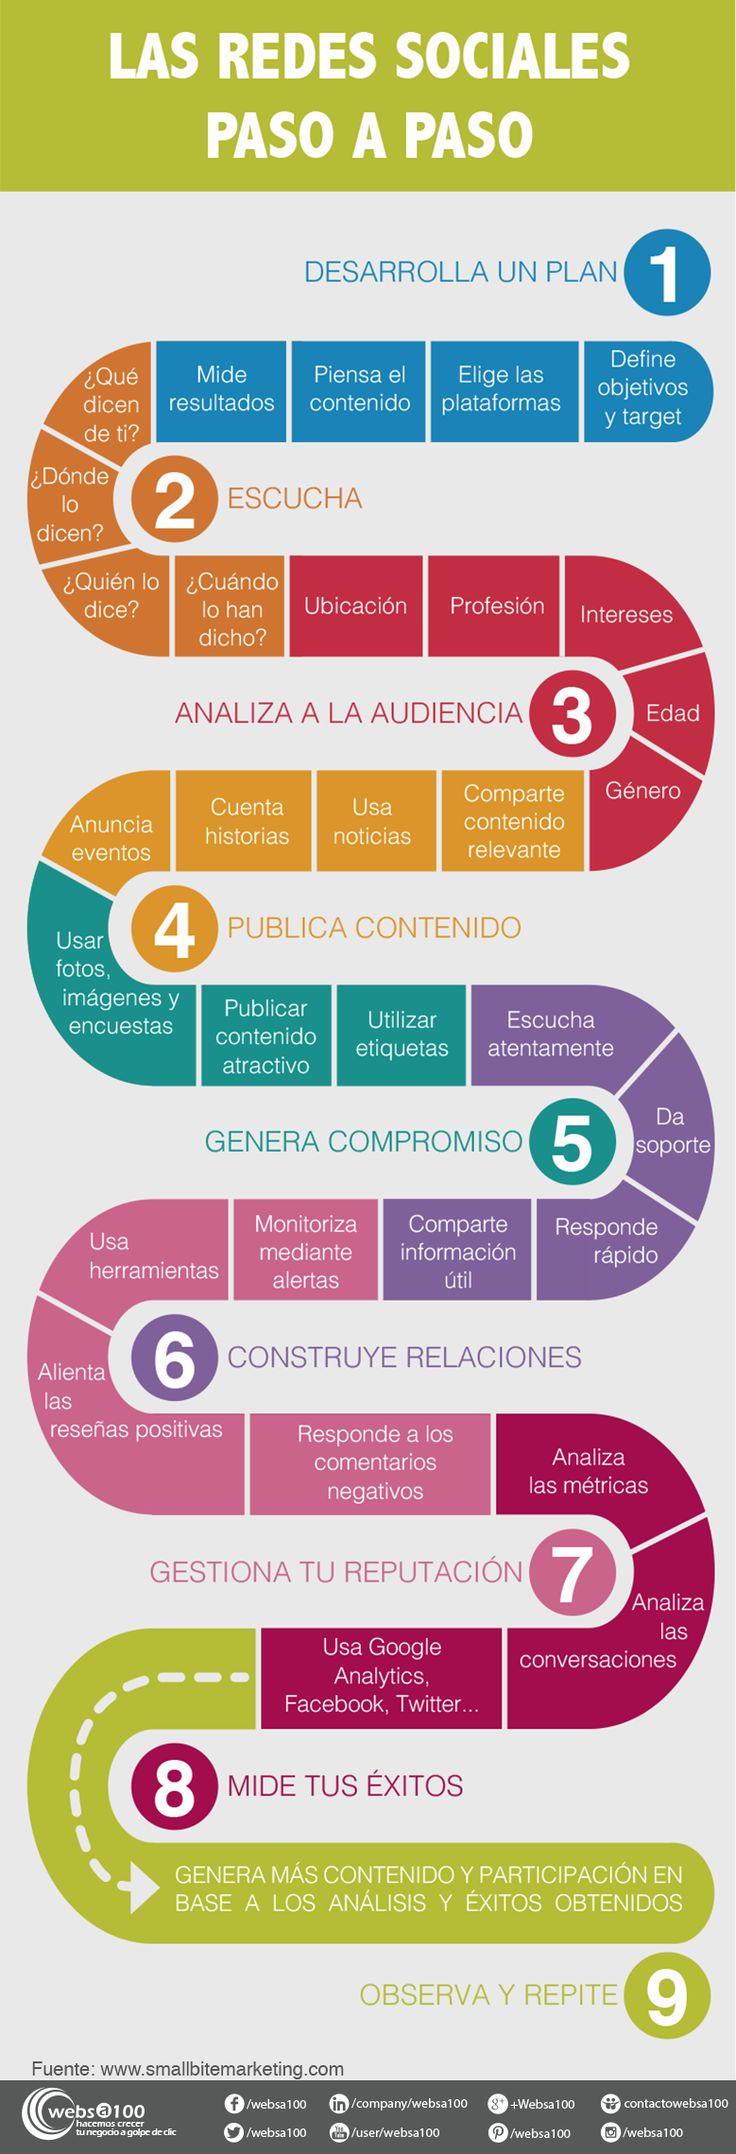 redesSociales paso apaso2015